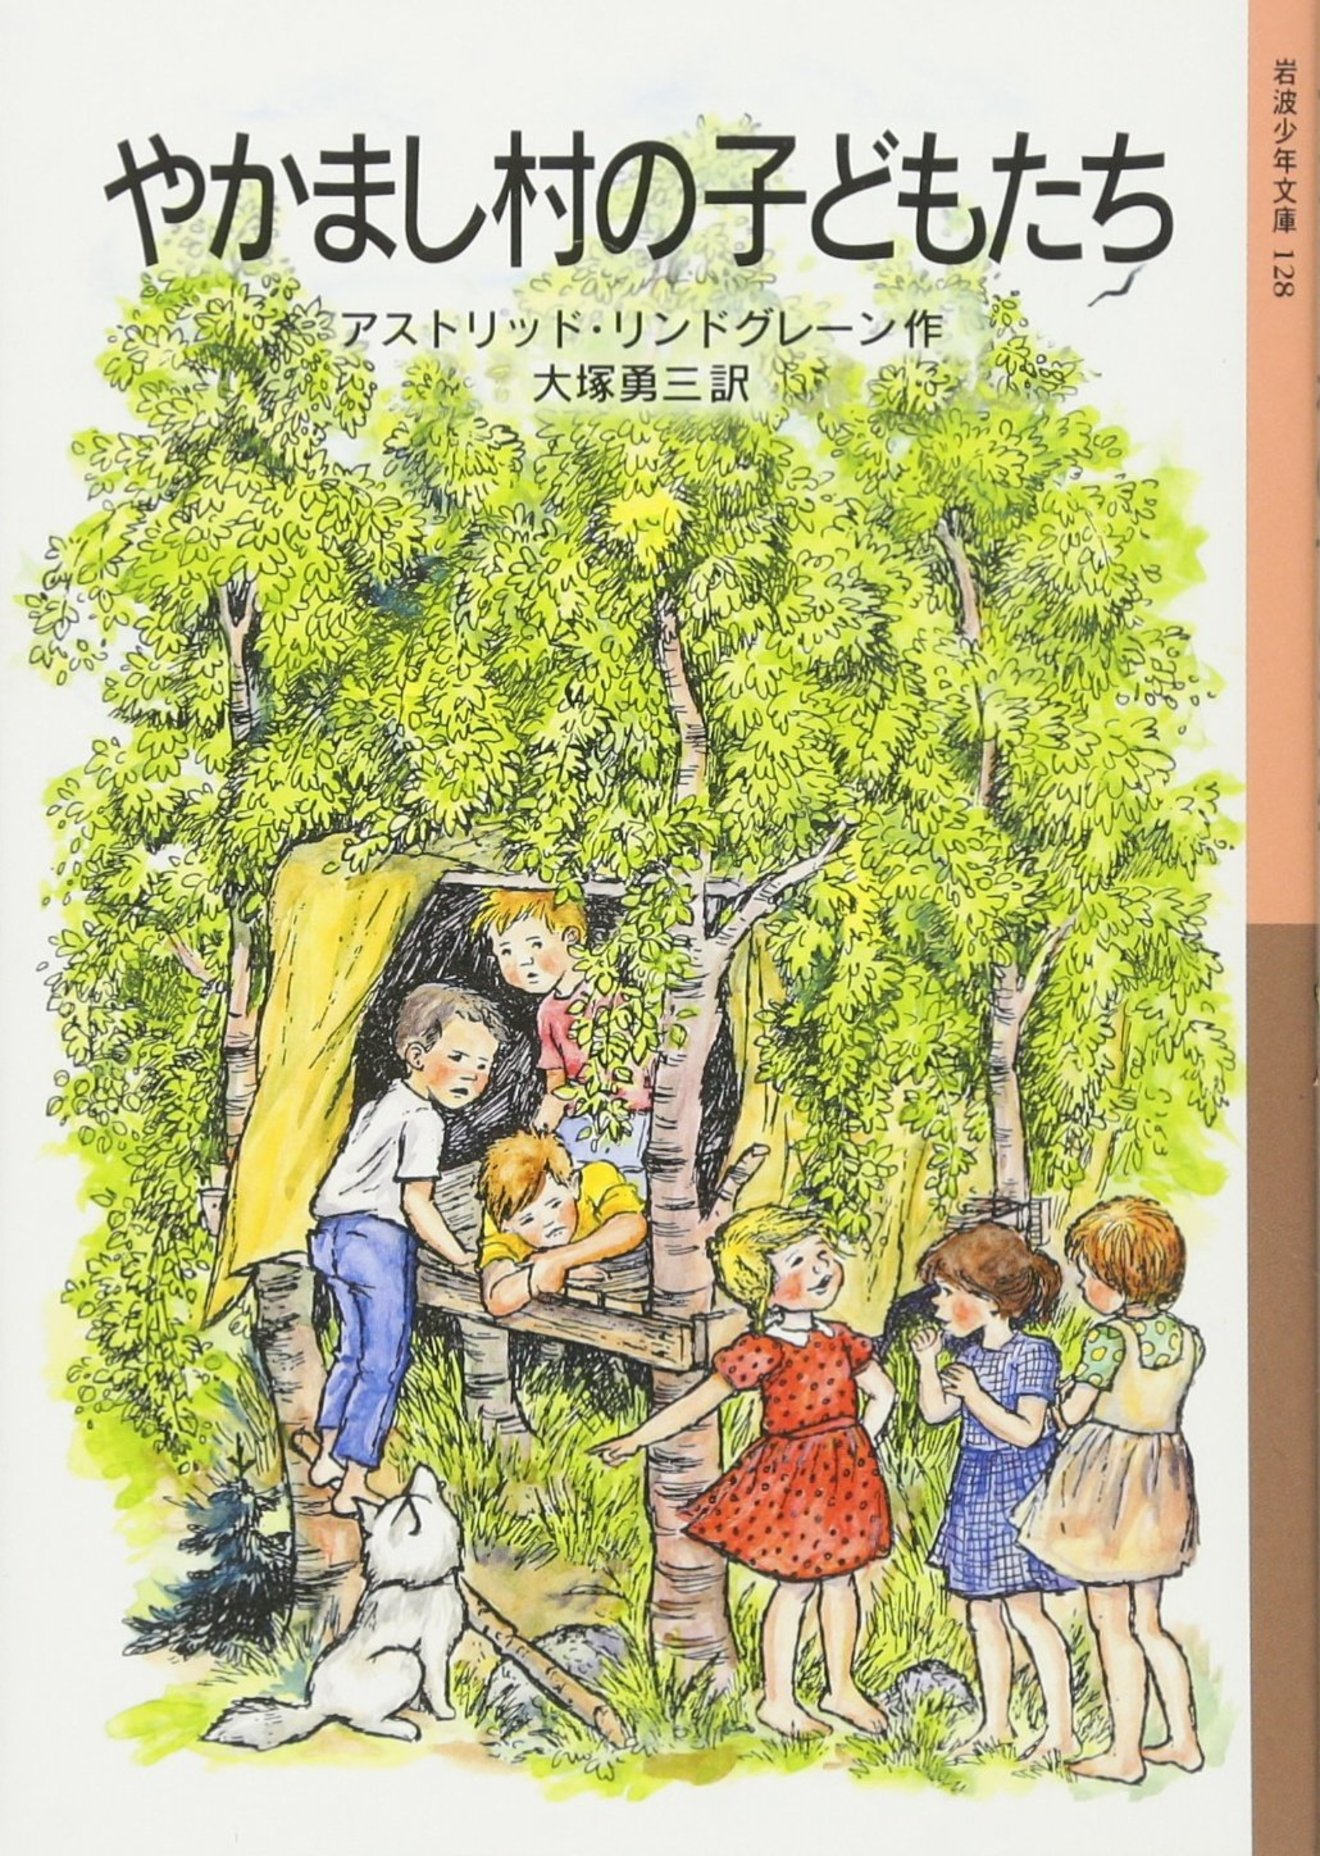 「やかまし村」シリーズの魅力とは。あらすじや登場人物、絵本も紹介!